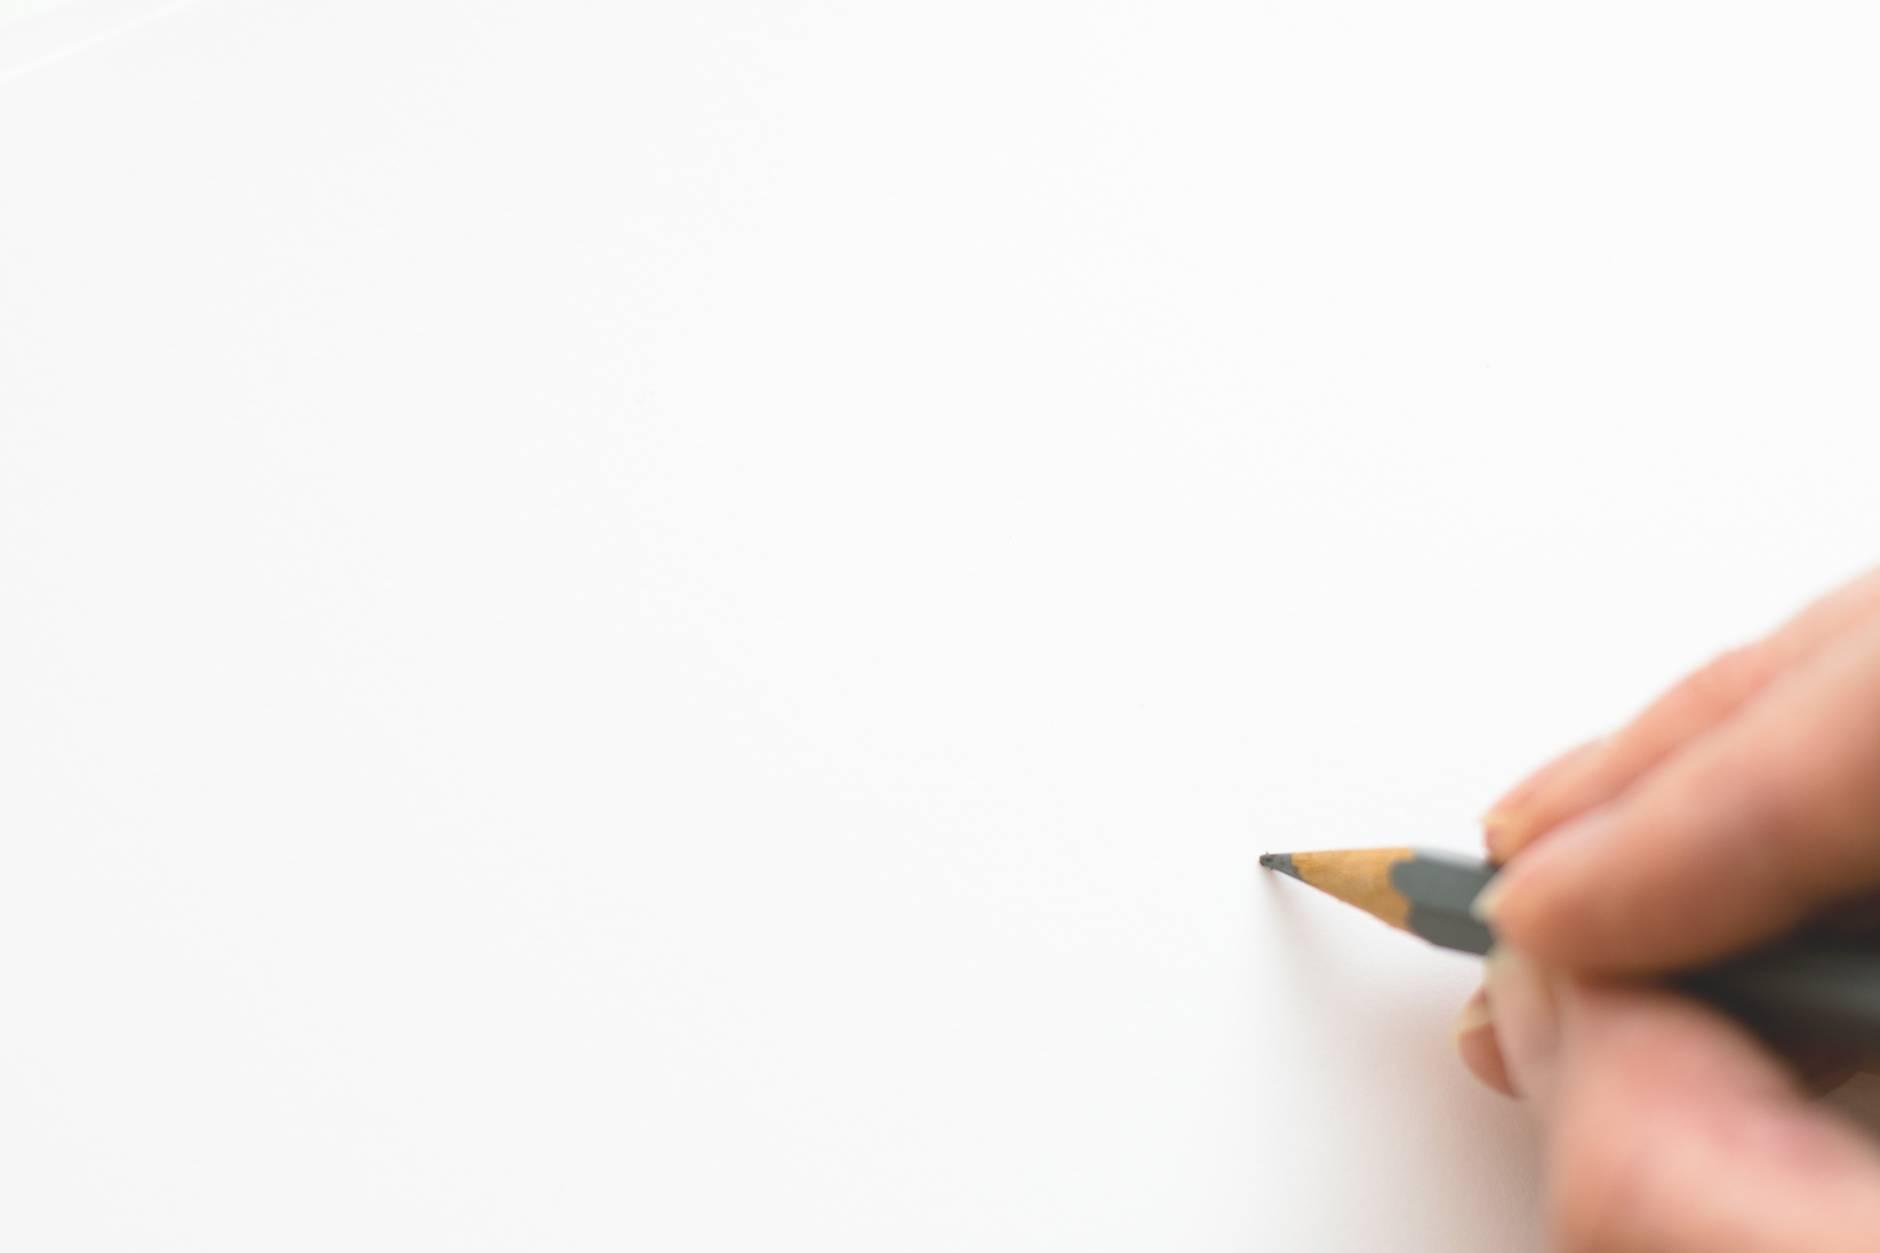 ¿En qué puede ayudar la grafología?